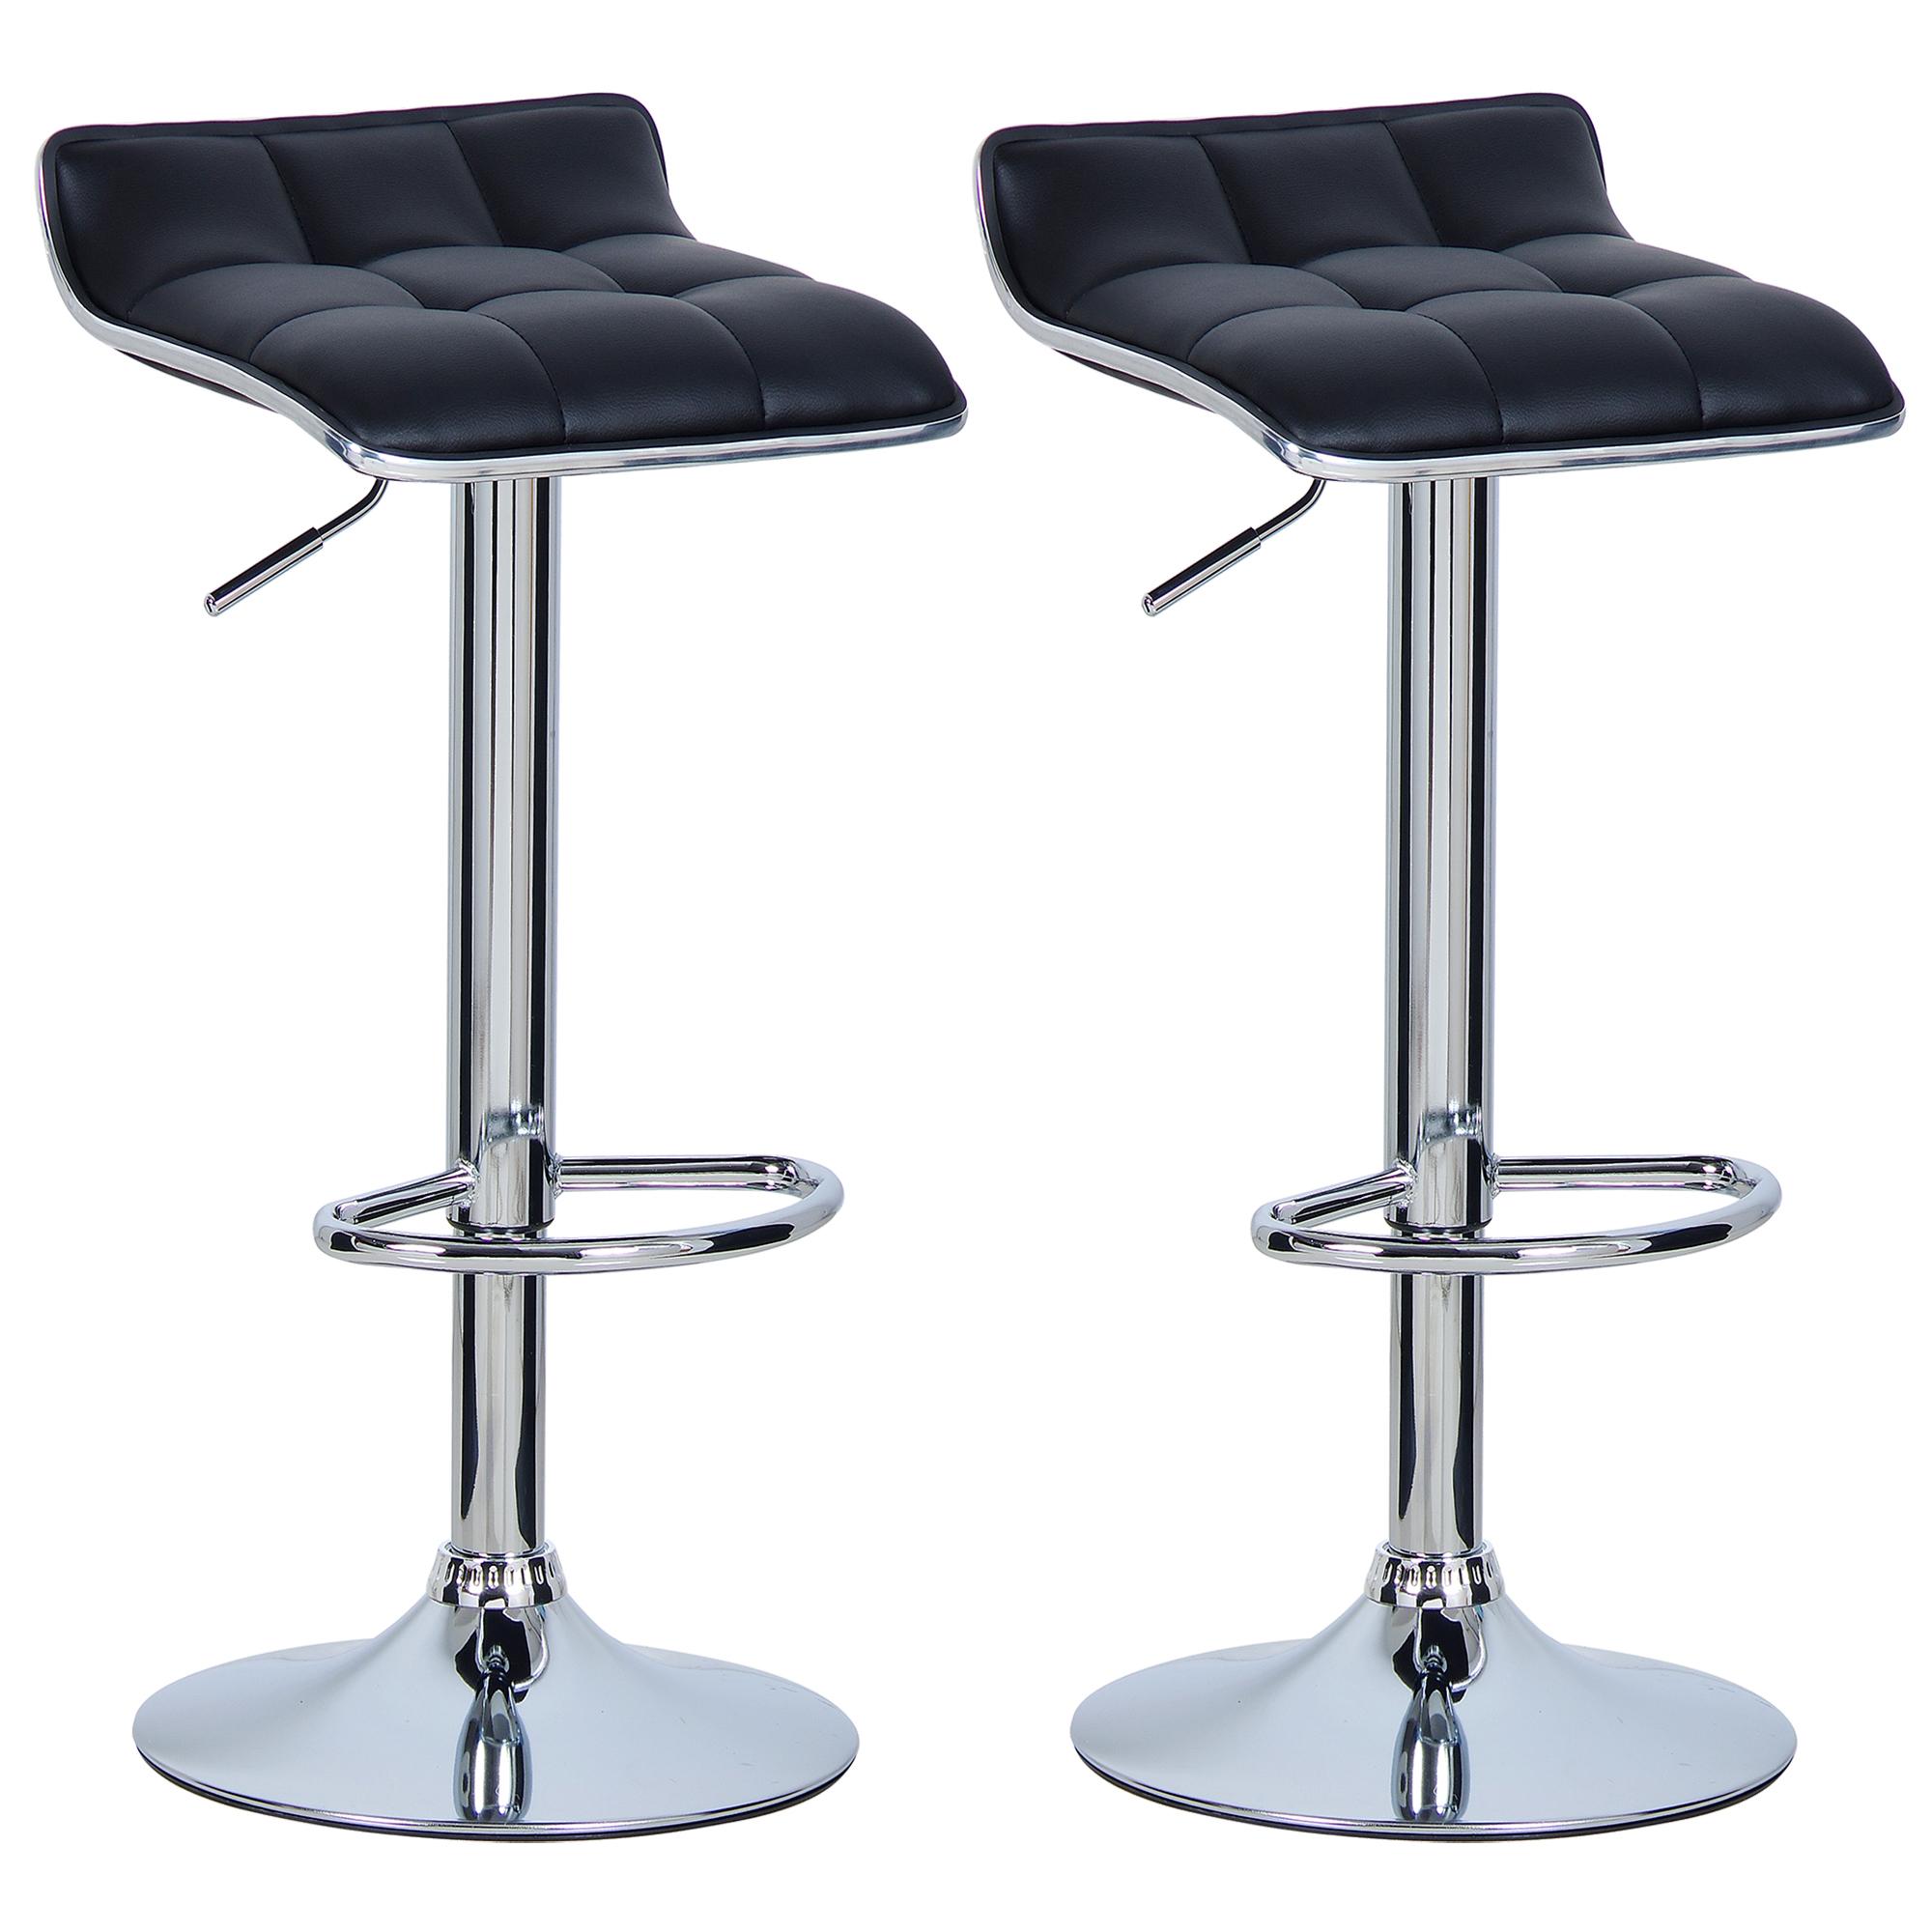 lot de 2 tabourets de bar r glable en pvc pu chaise cuisine pivotant 360 f036 ebay. Black Bedroom Furniture Sets. Home Design Ideas